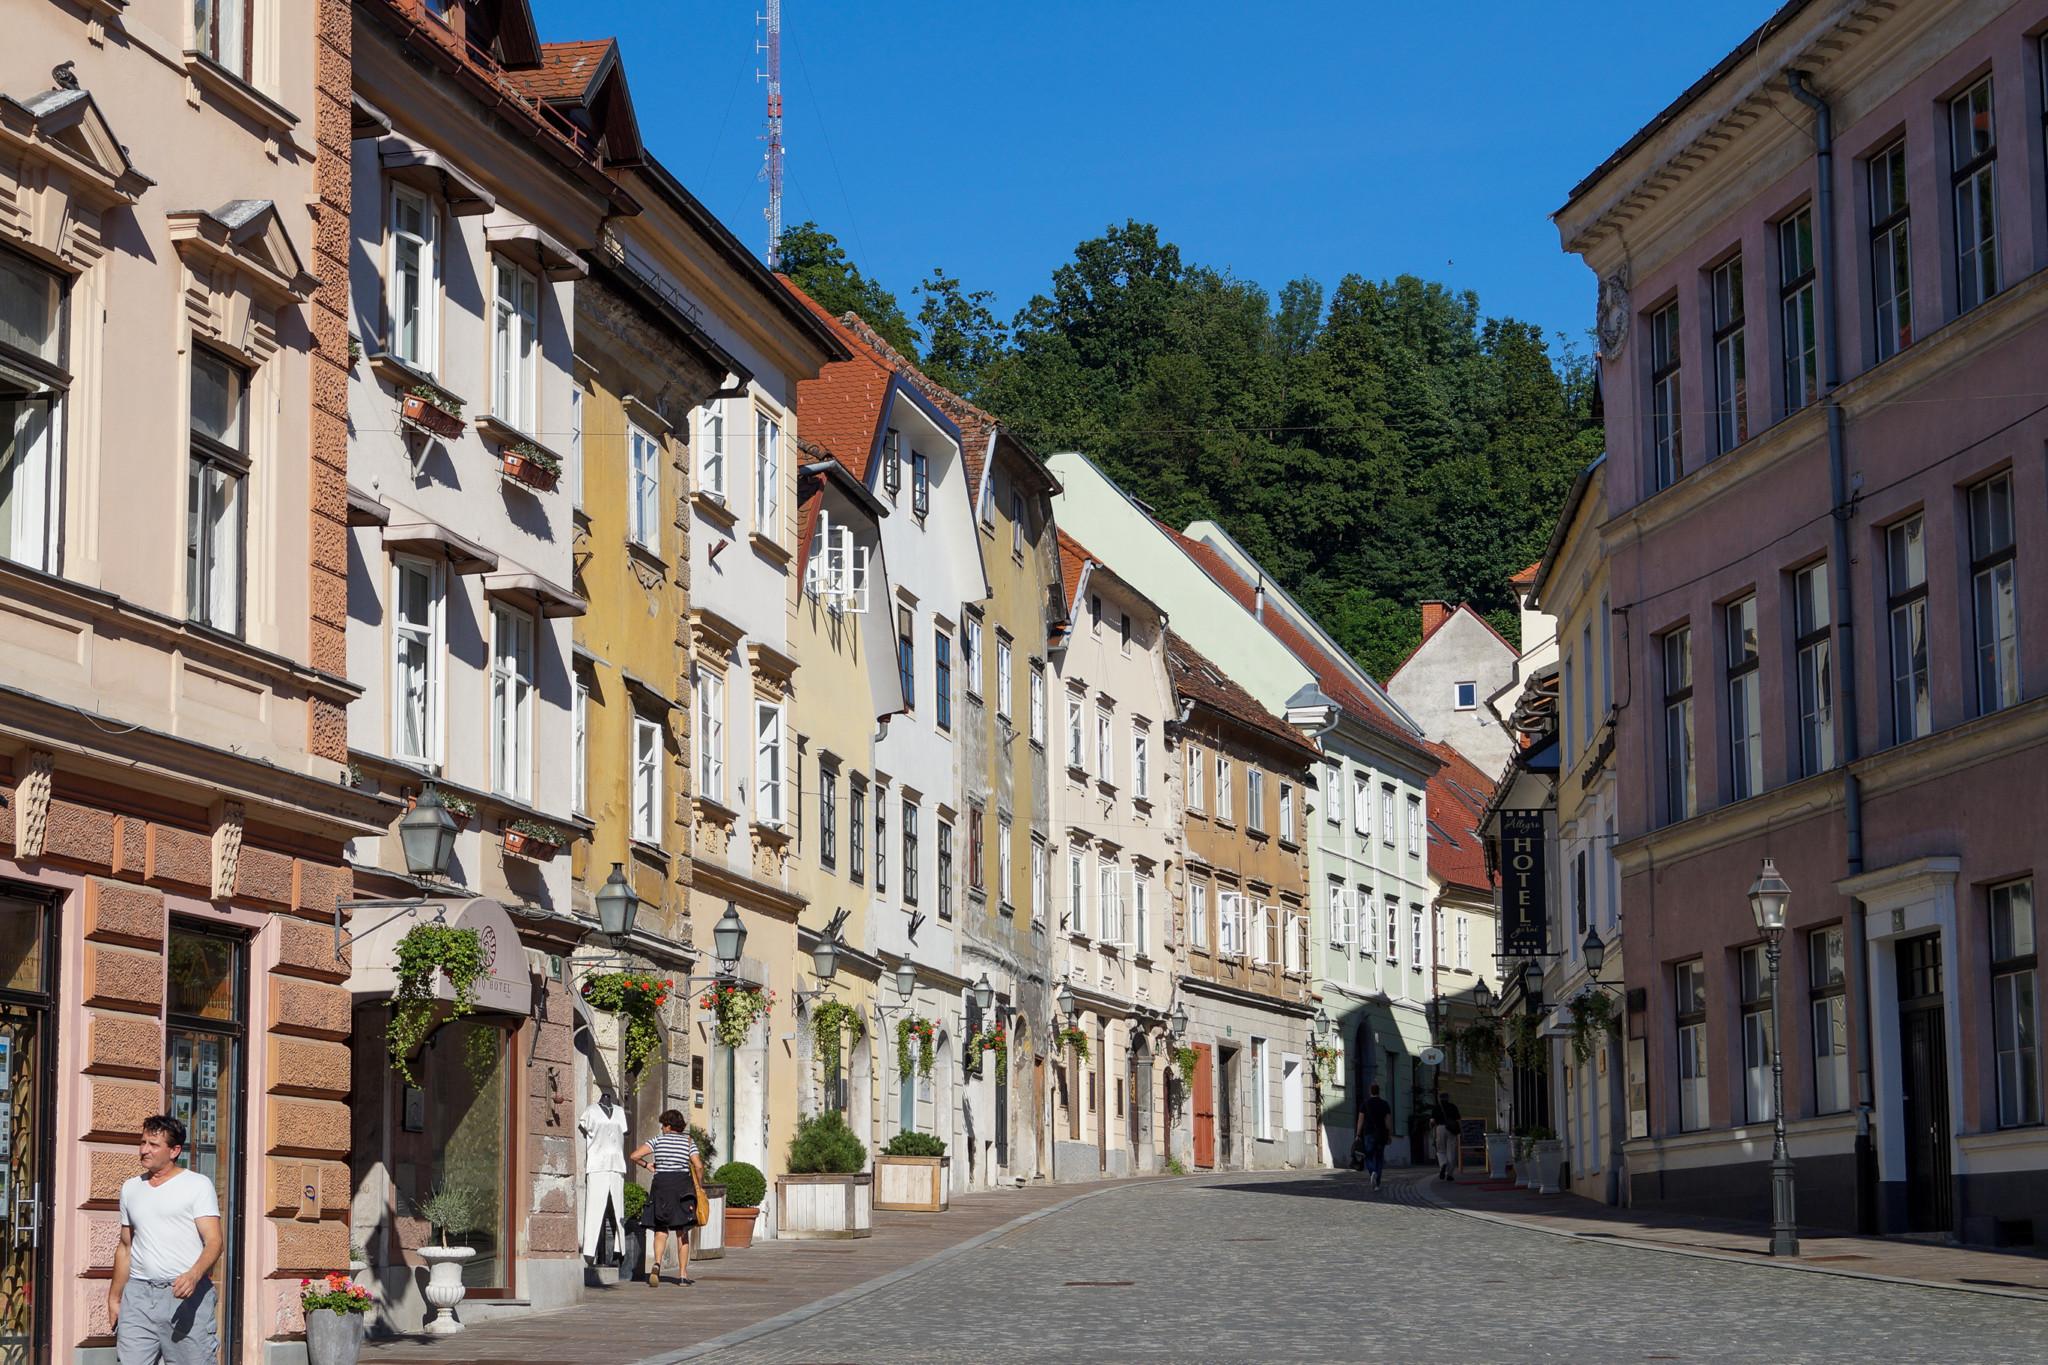 Typische Gassen in Slowenien